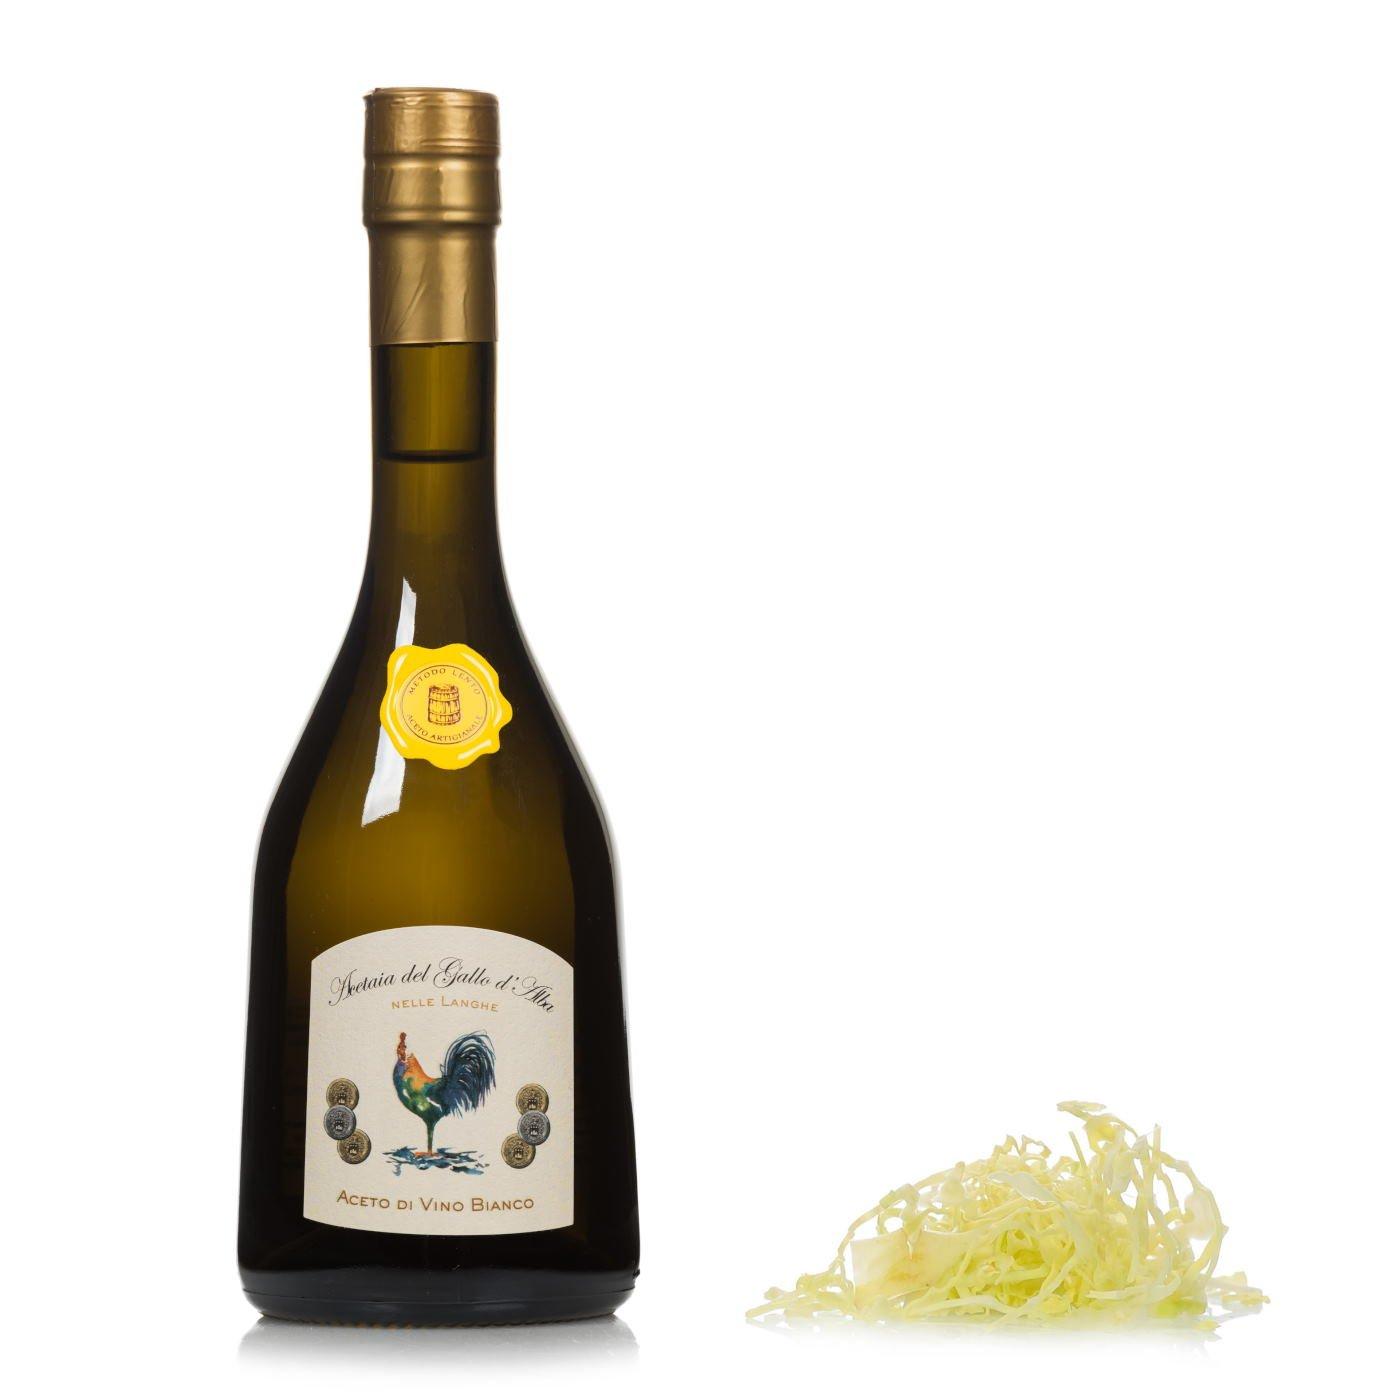 aceto bianco  Aceto Bianco Lento 0,5l – Acetaia del Gallo | Eataly